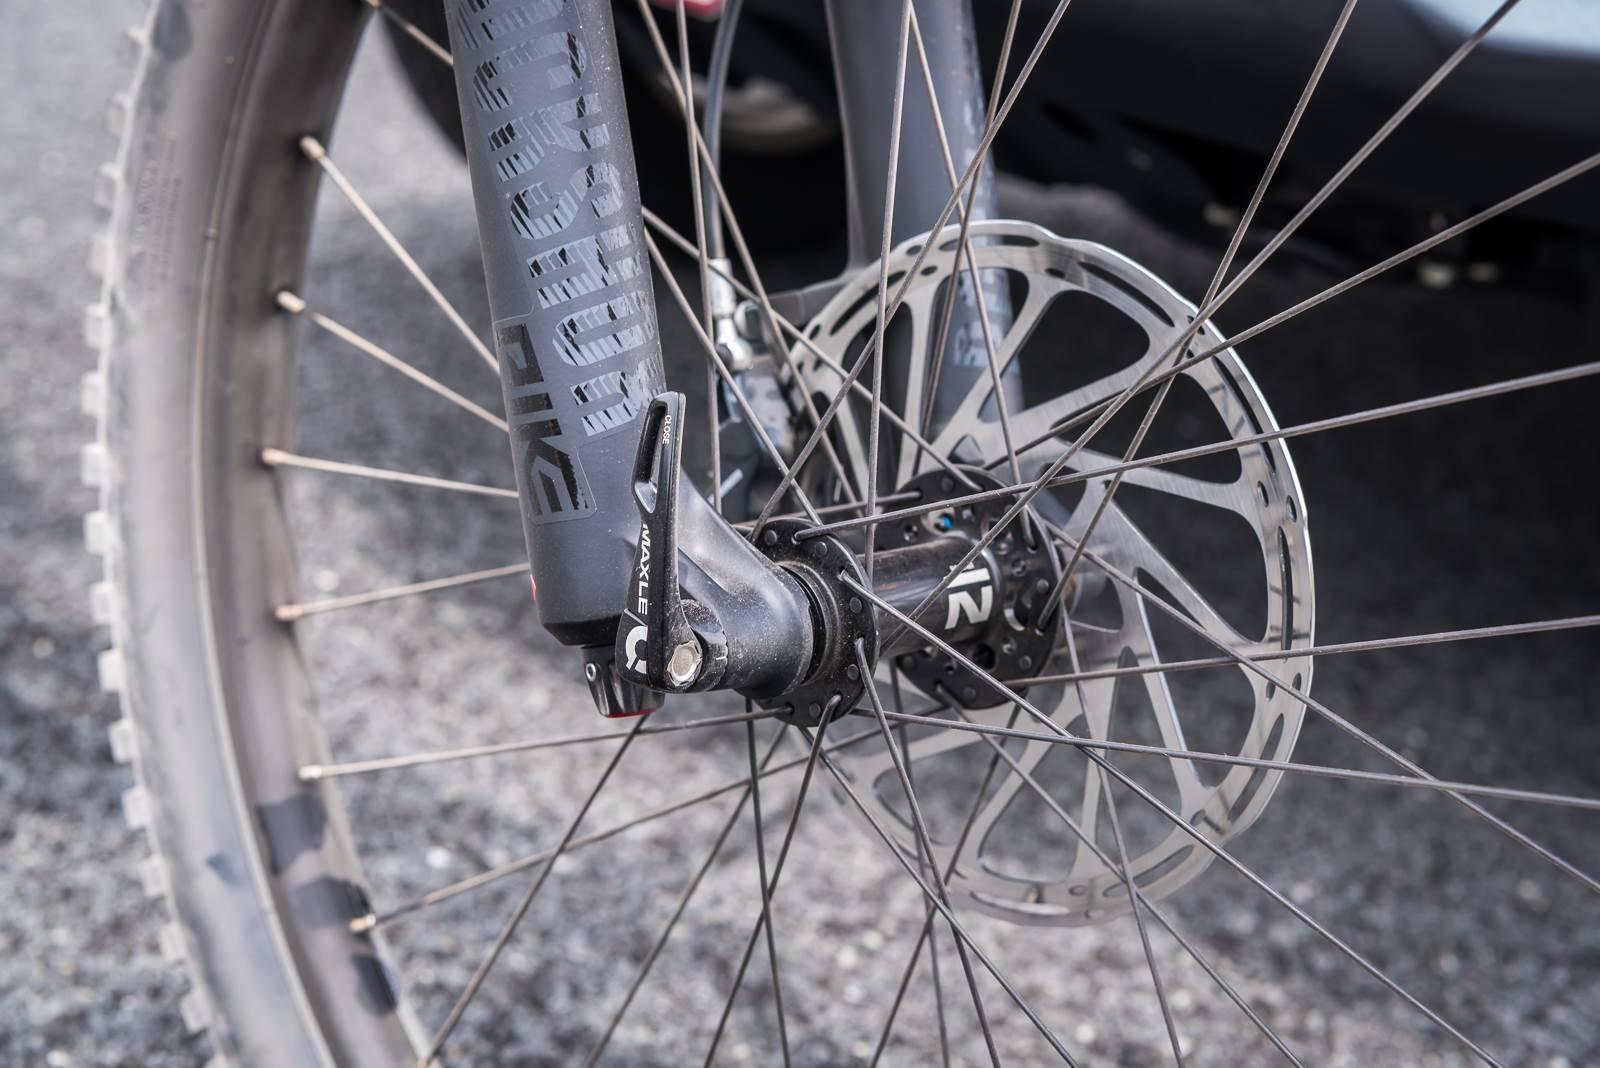 TESTED: Norco Sight VLT 2 - Australian Mountain Bike | The